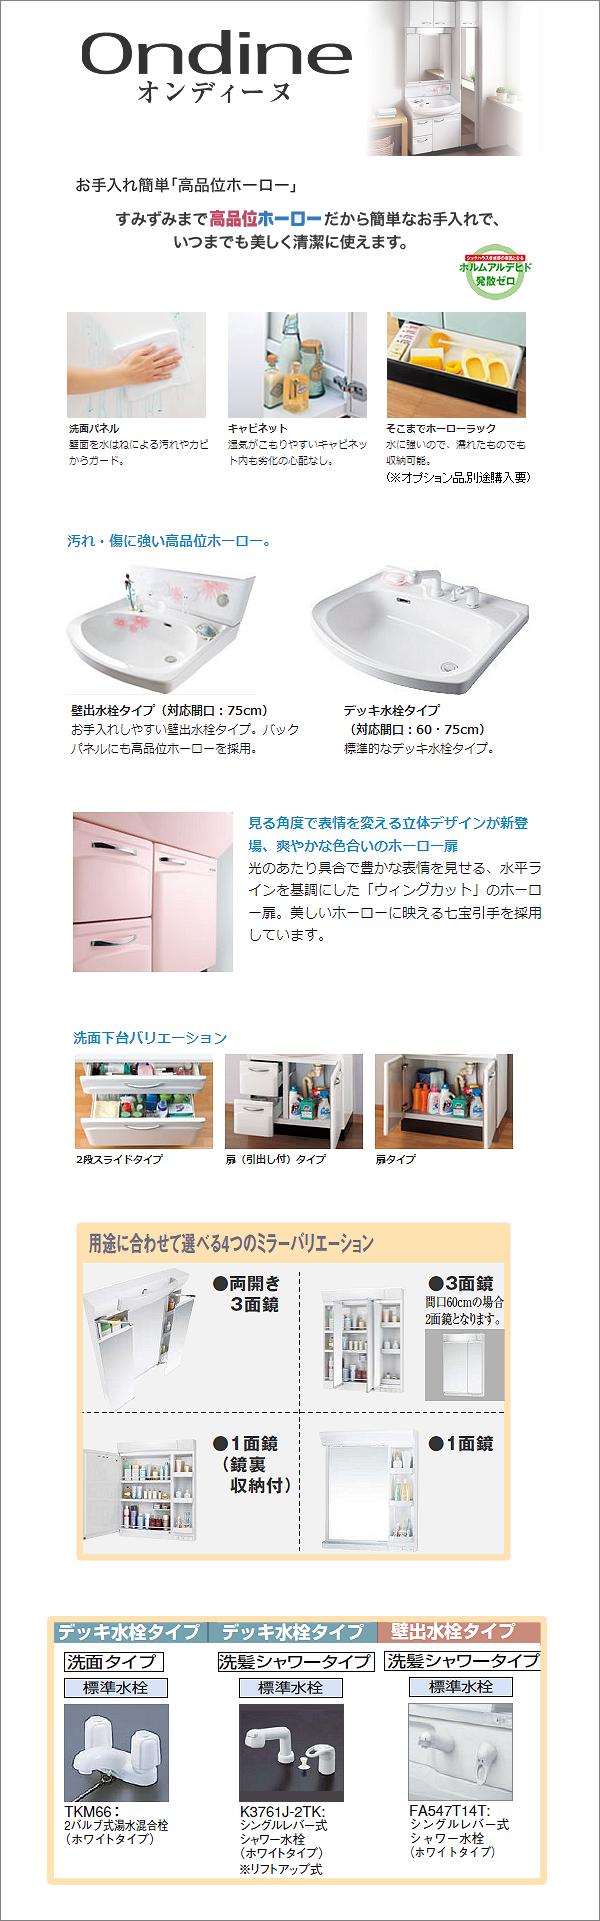 タカラスタンダード/オンディーヌ 商品情報